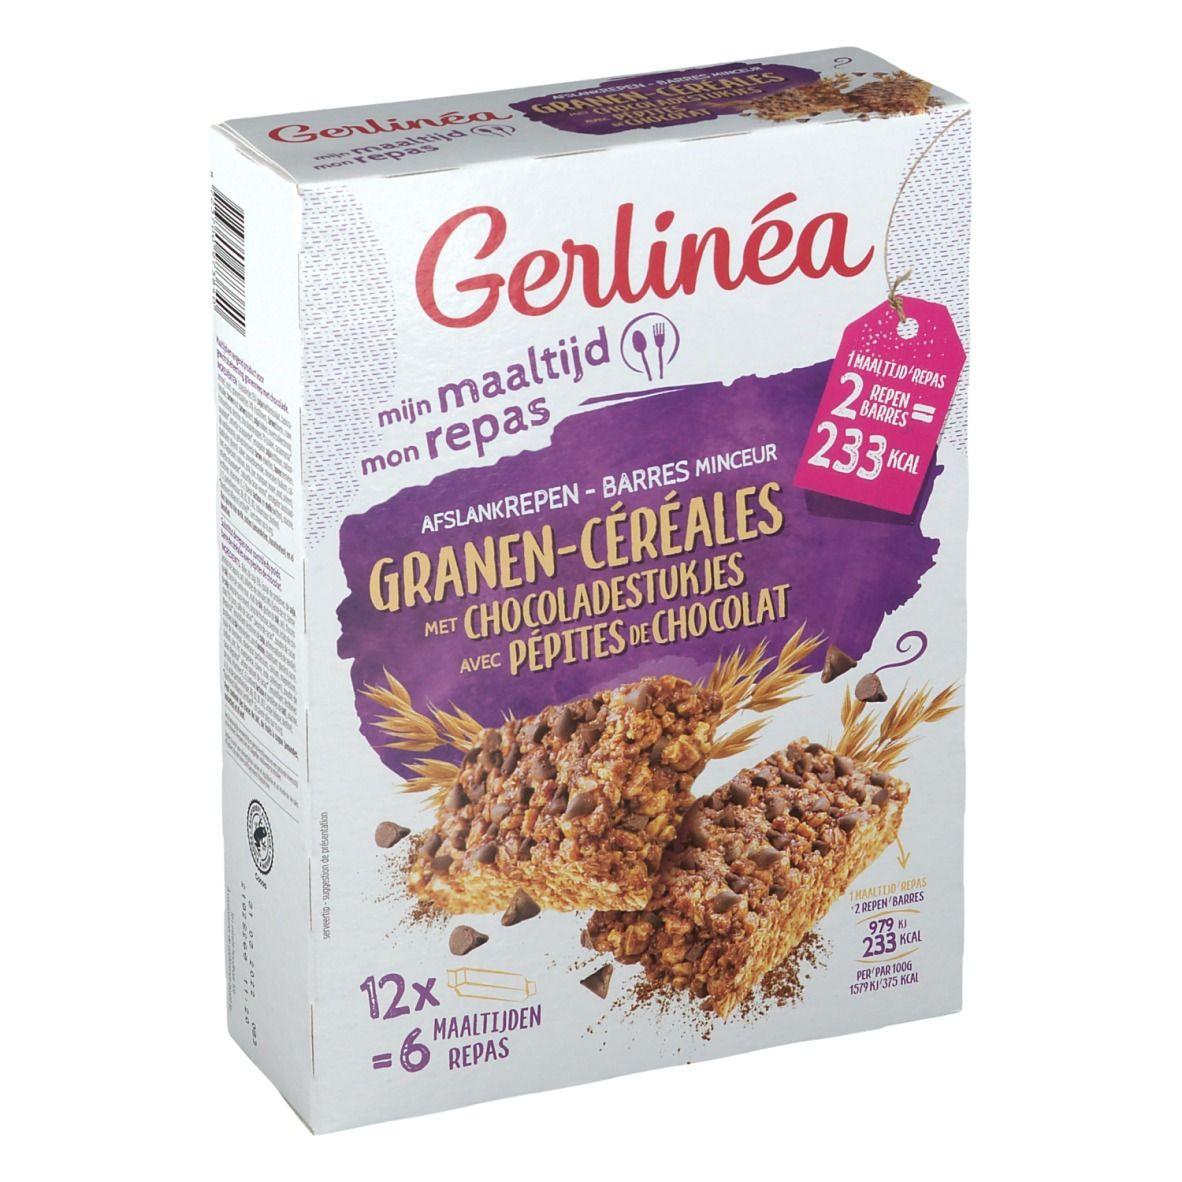 Gerlinéa Mon Repas Barres Céréales avec Pépites de Chocolat g Barre